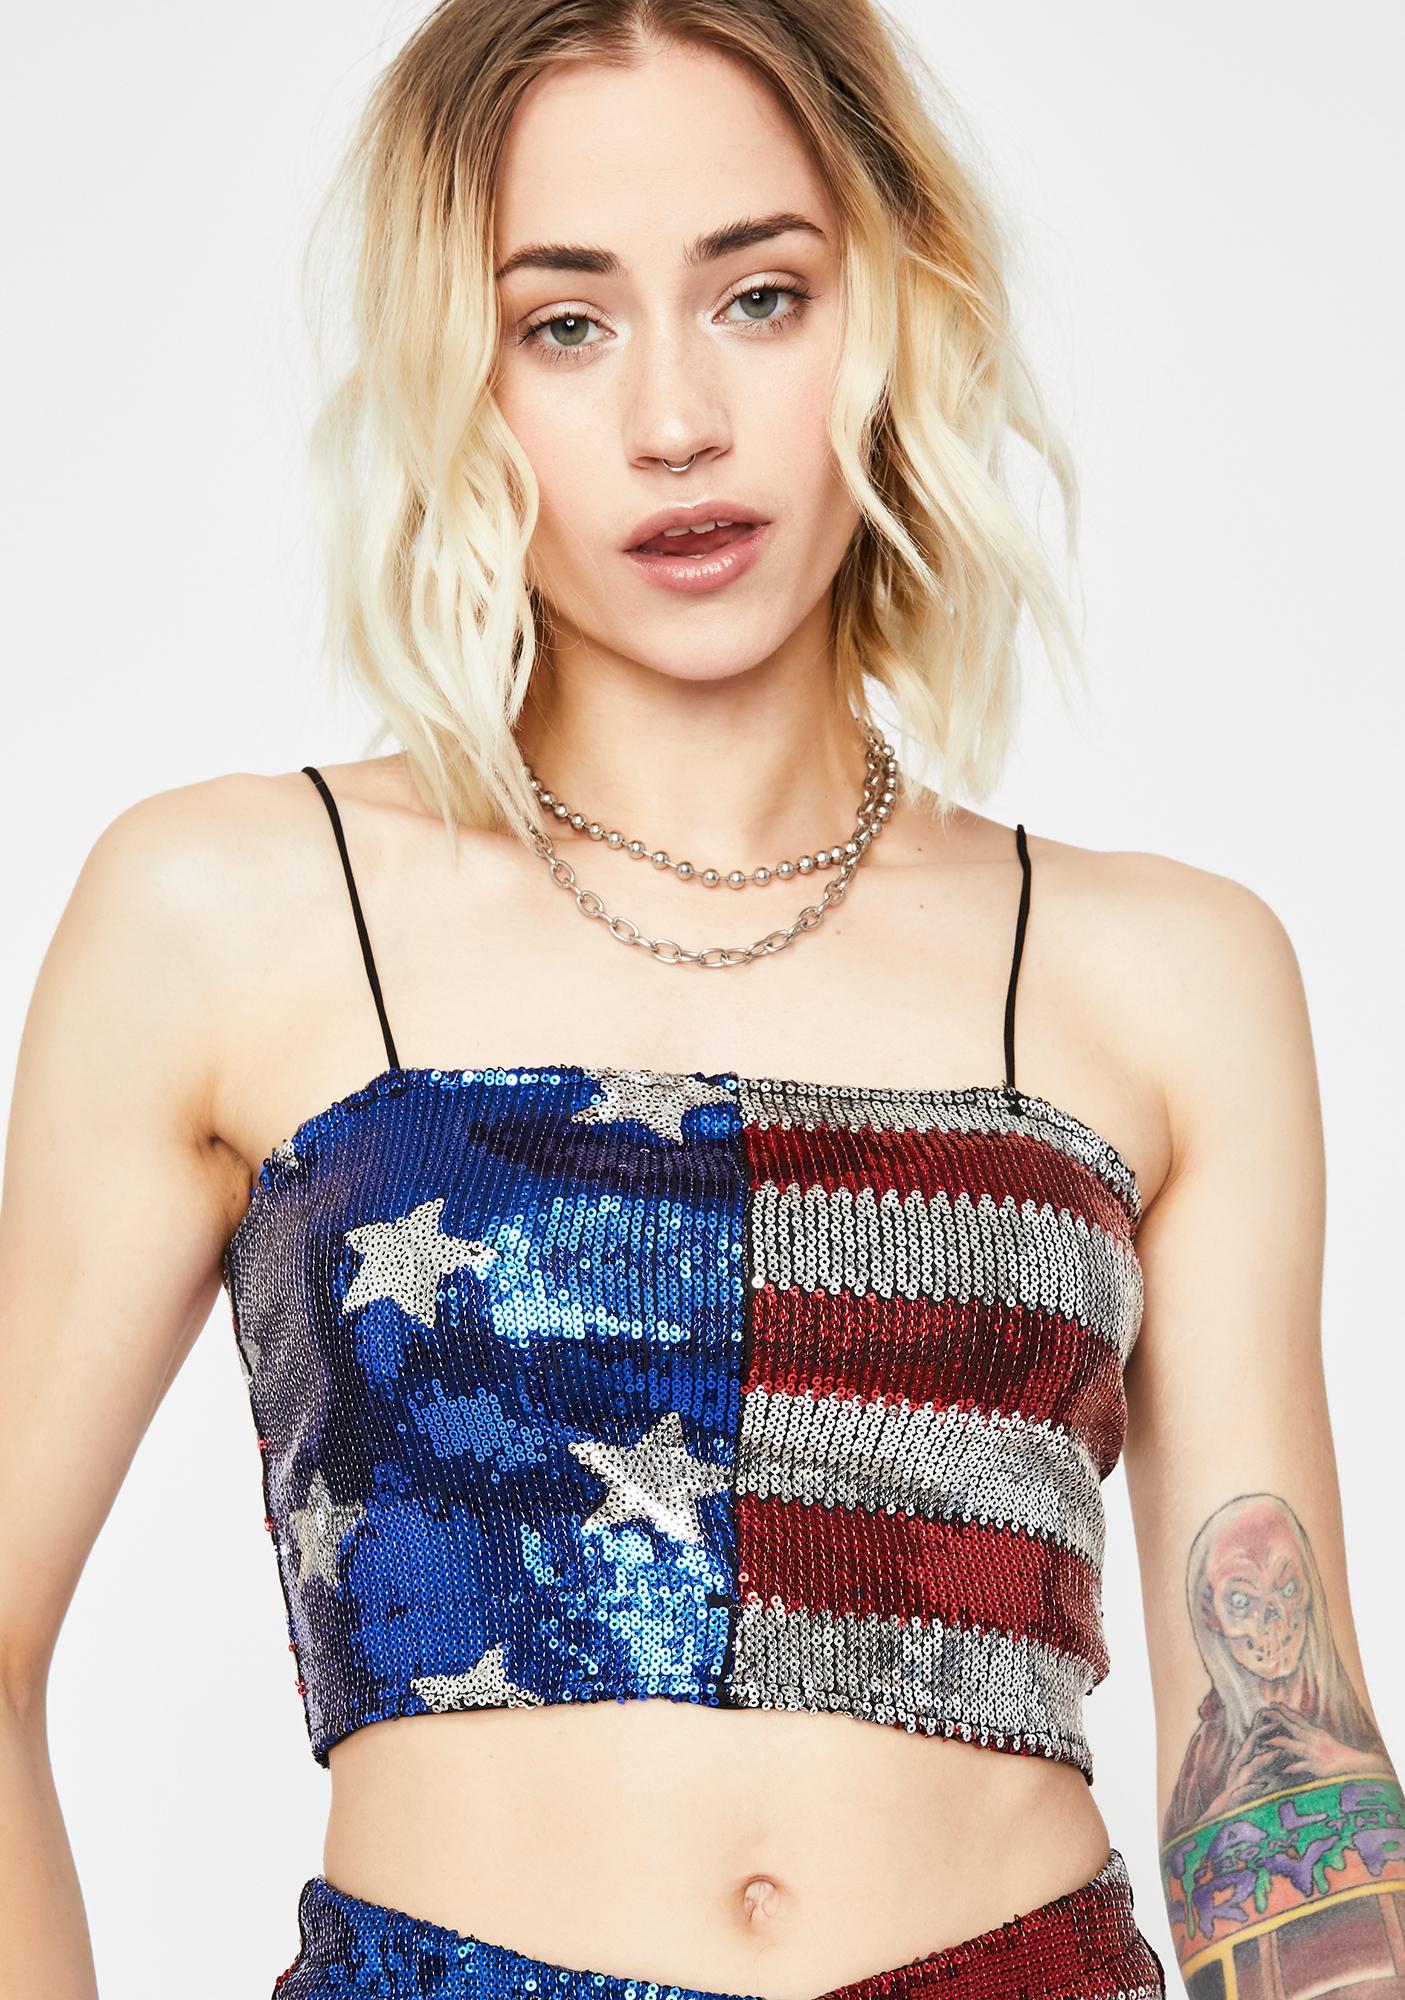 U.S Ayeee Sequin Top